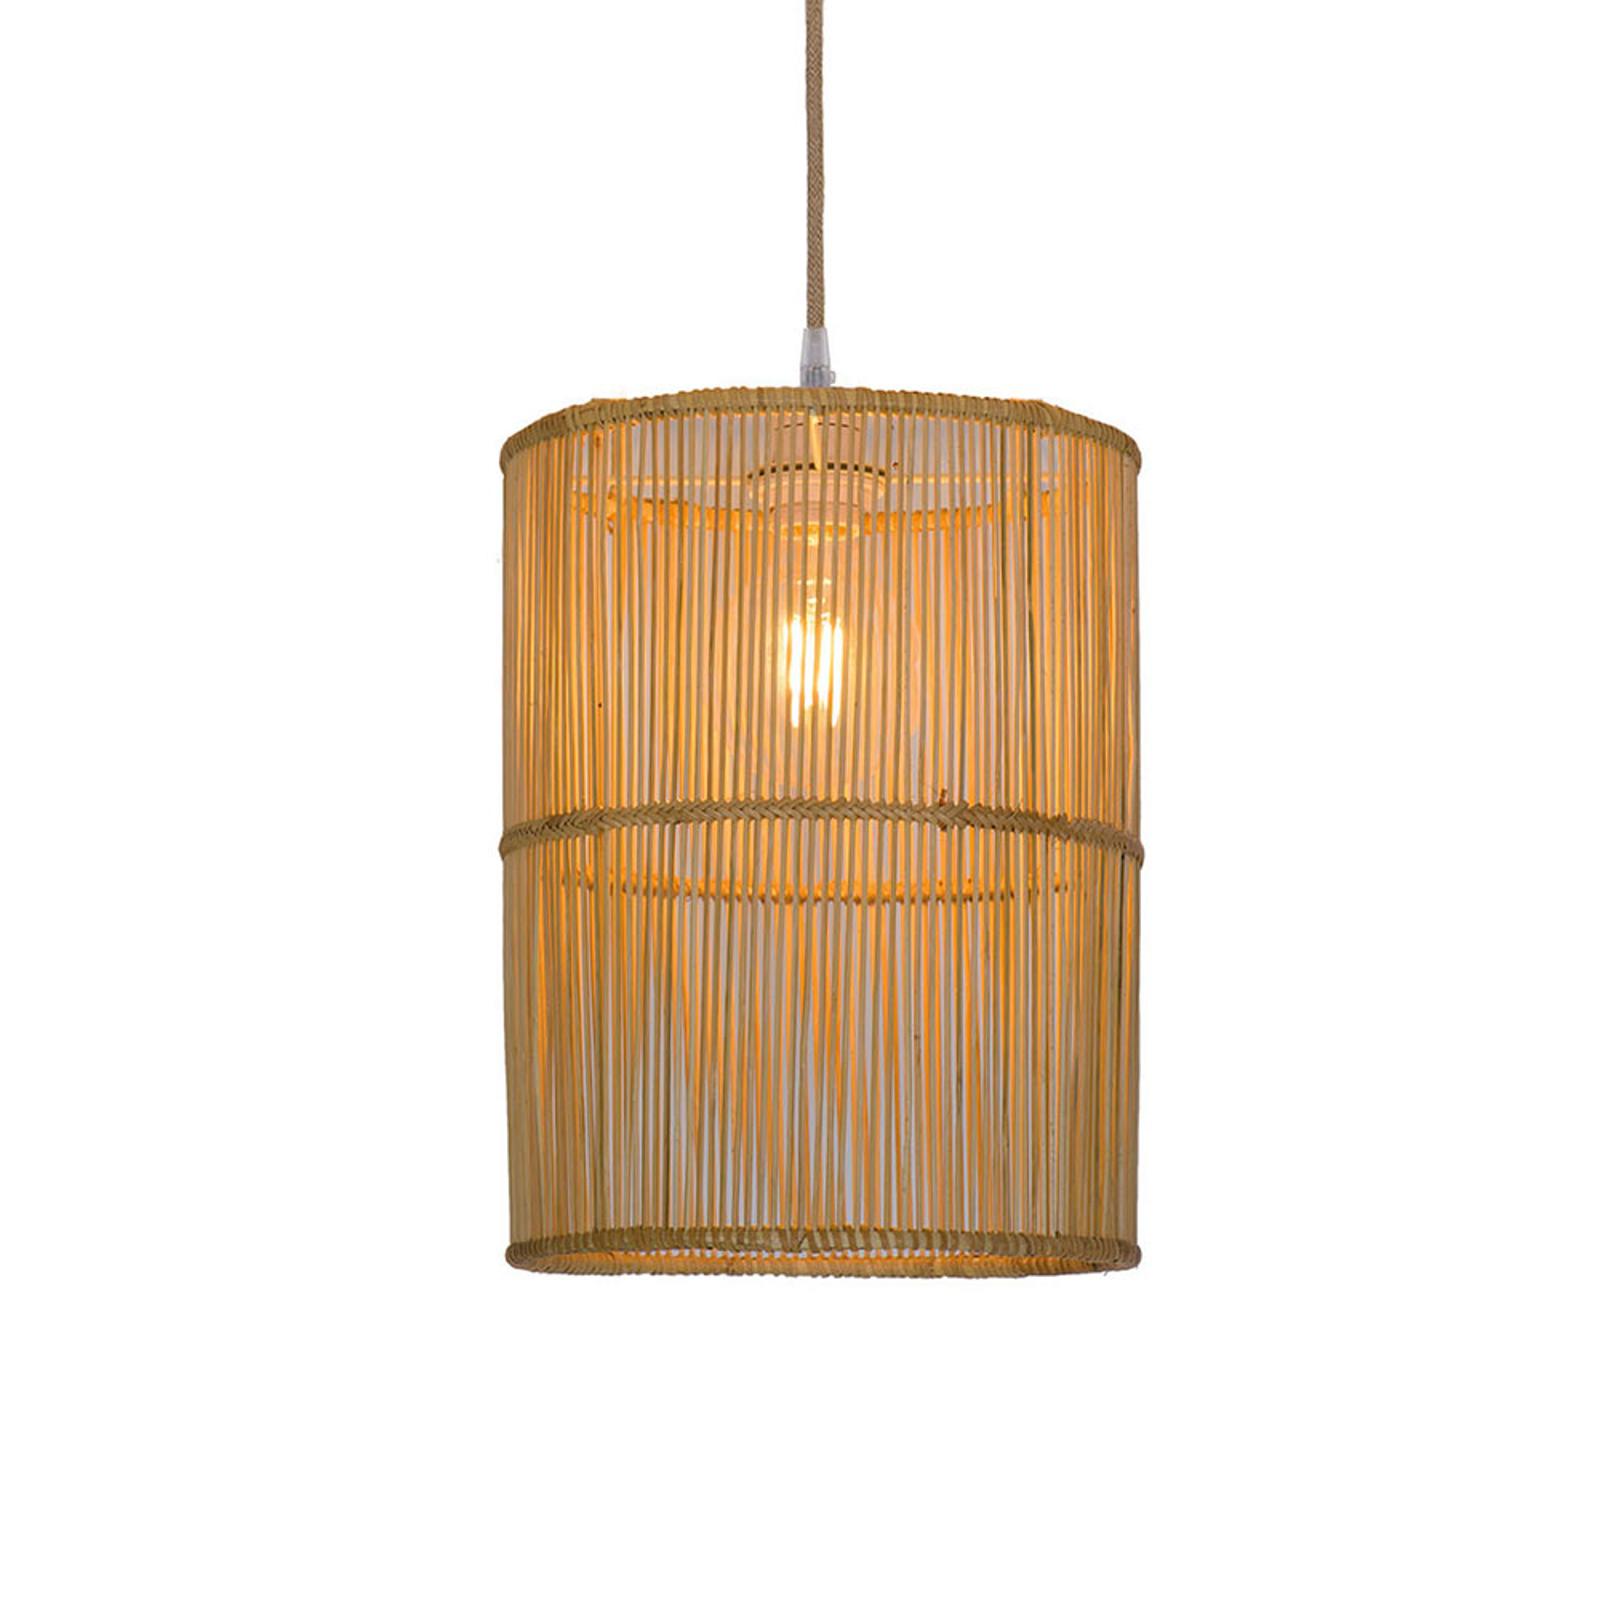 Lampa wisząca Anteo z ratanu, cylindryczna